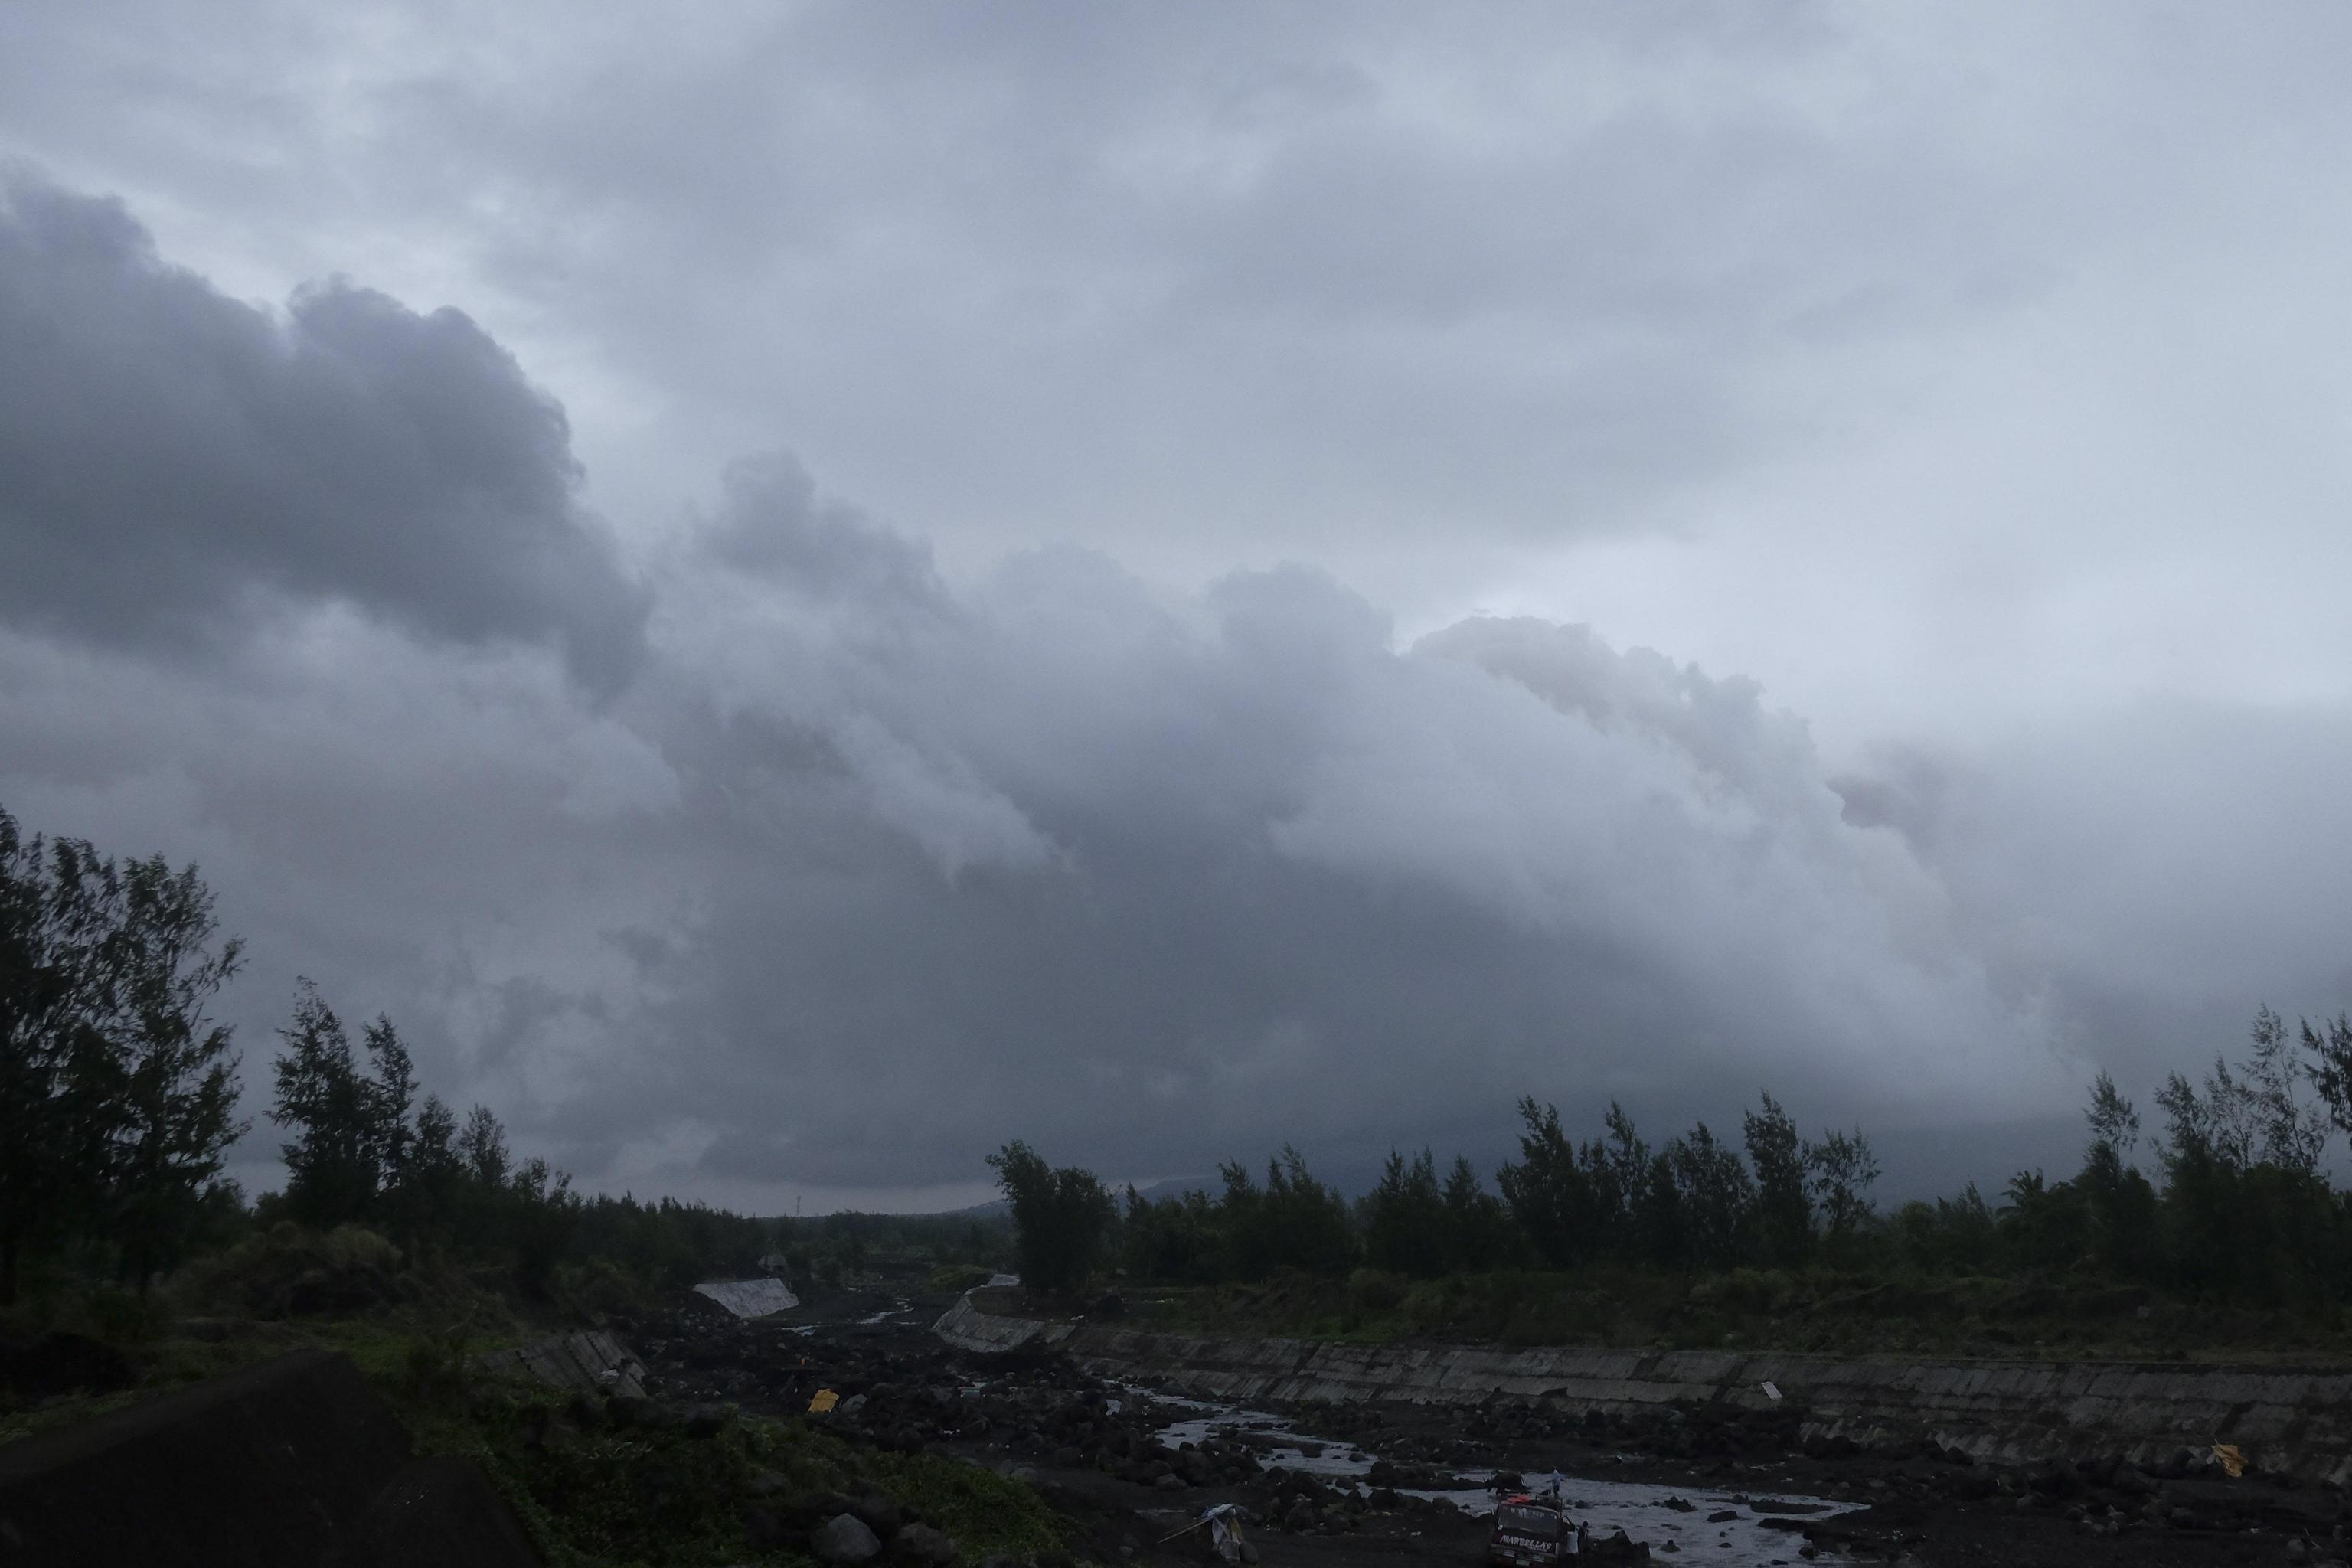 Una veduta del vulcano Mayon coperto da nuvole di cenere visto dalla città di Camalig, provincia di Albay